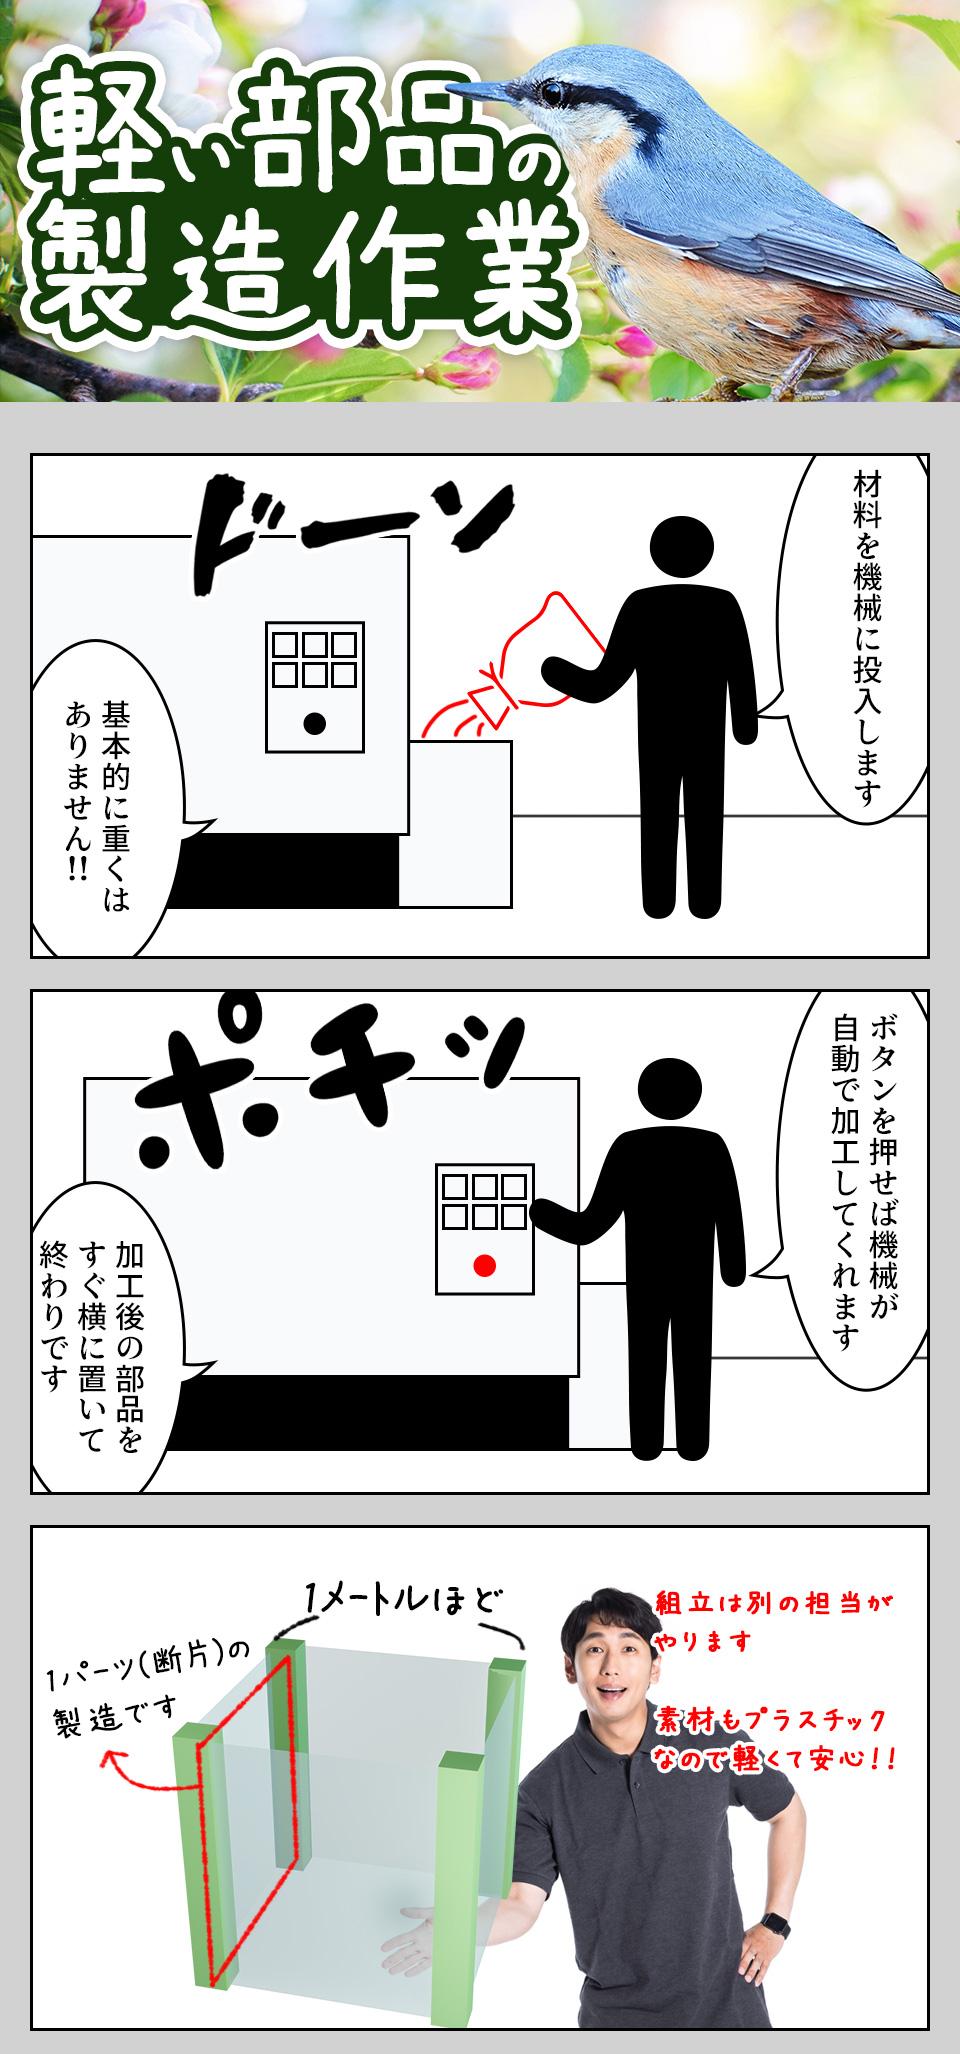 部品の投入・機械オペレーター 石川県金沢市の派遣社員求人